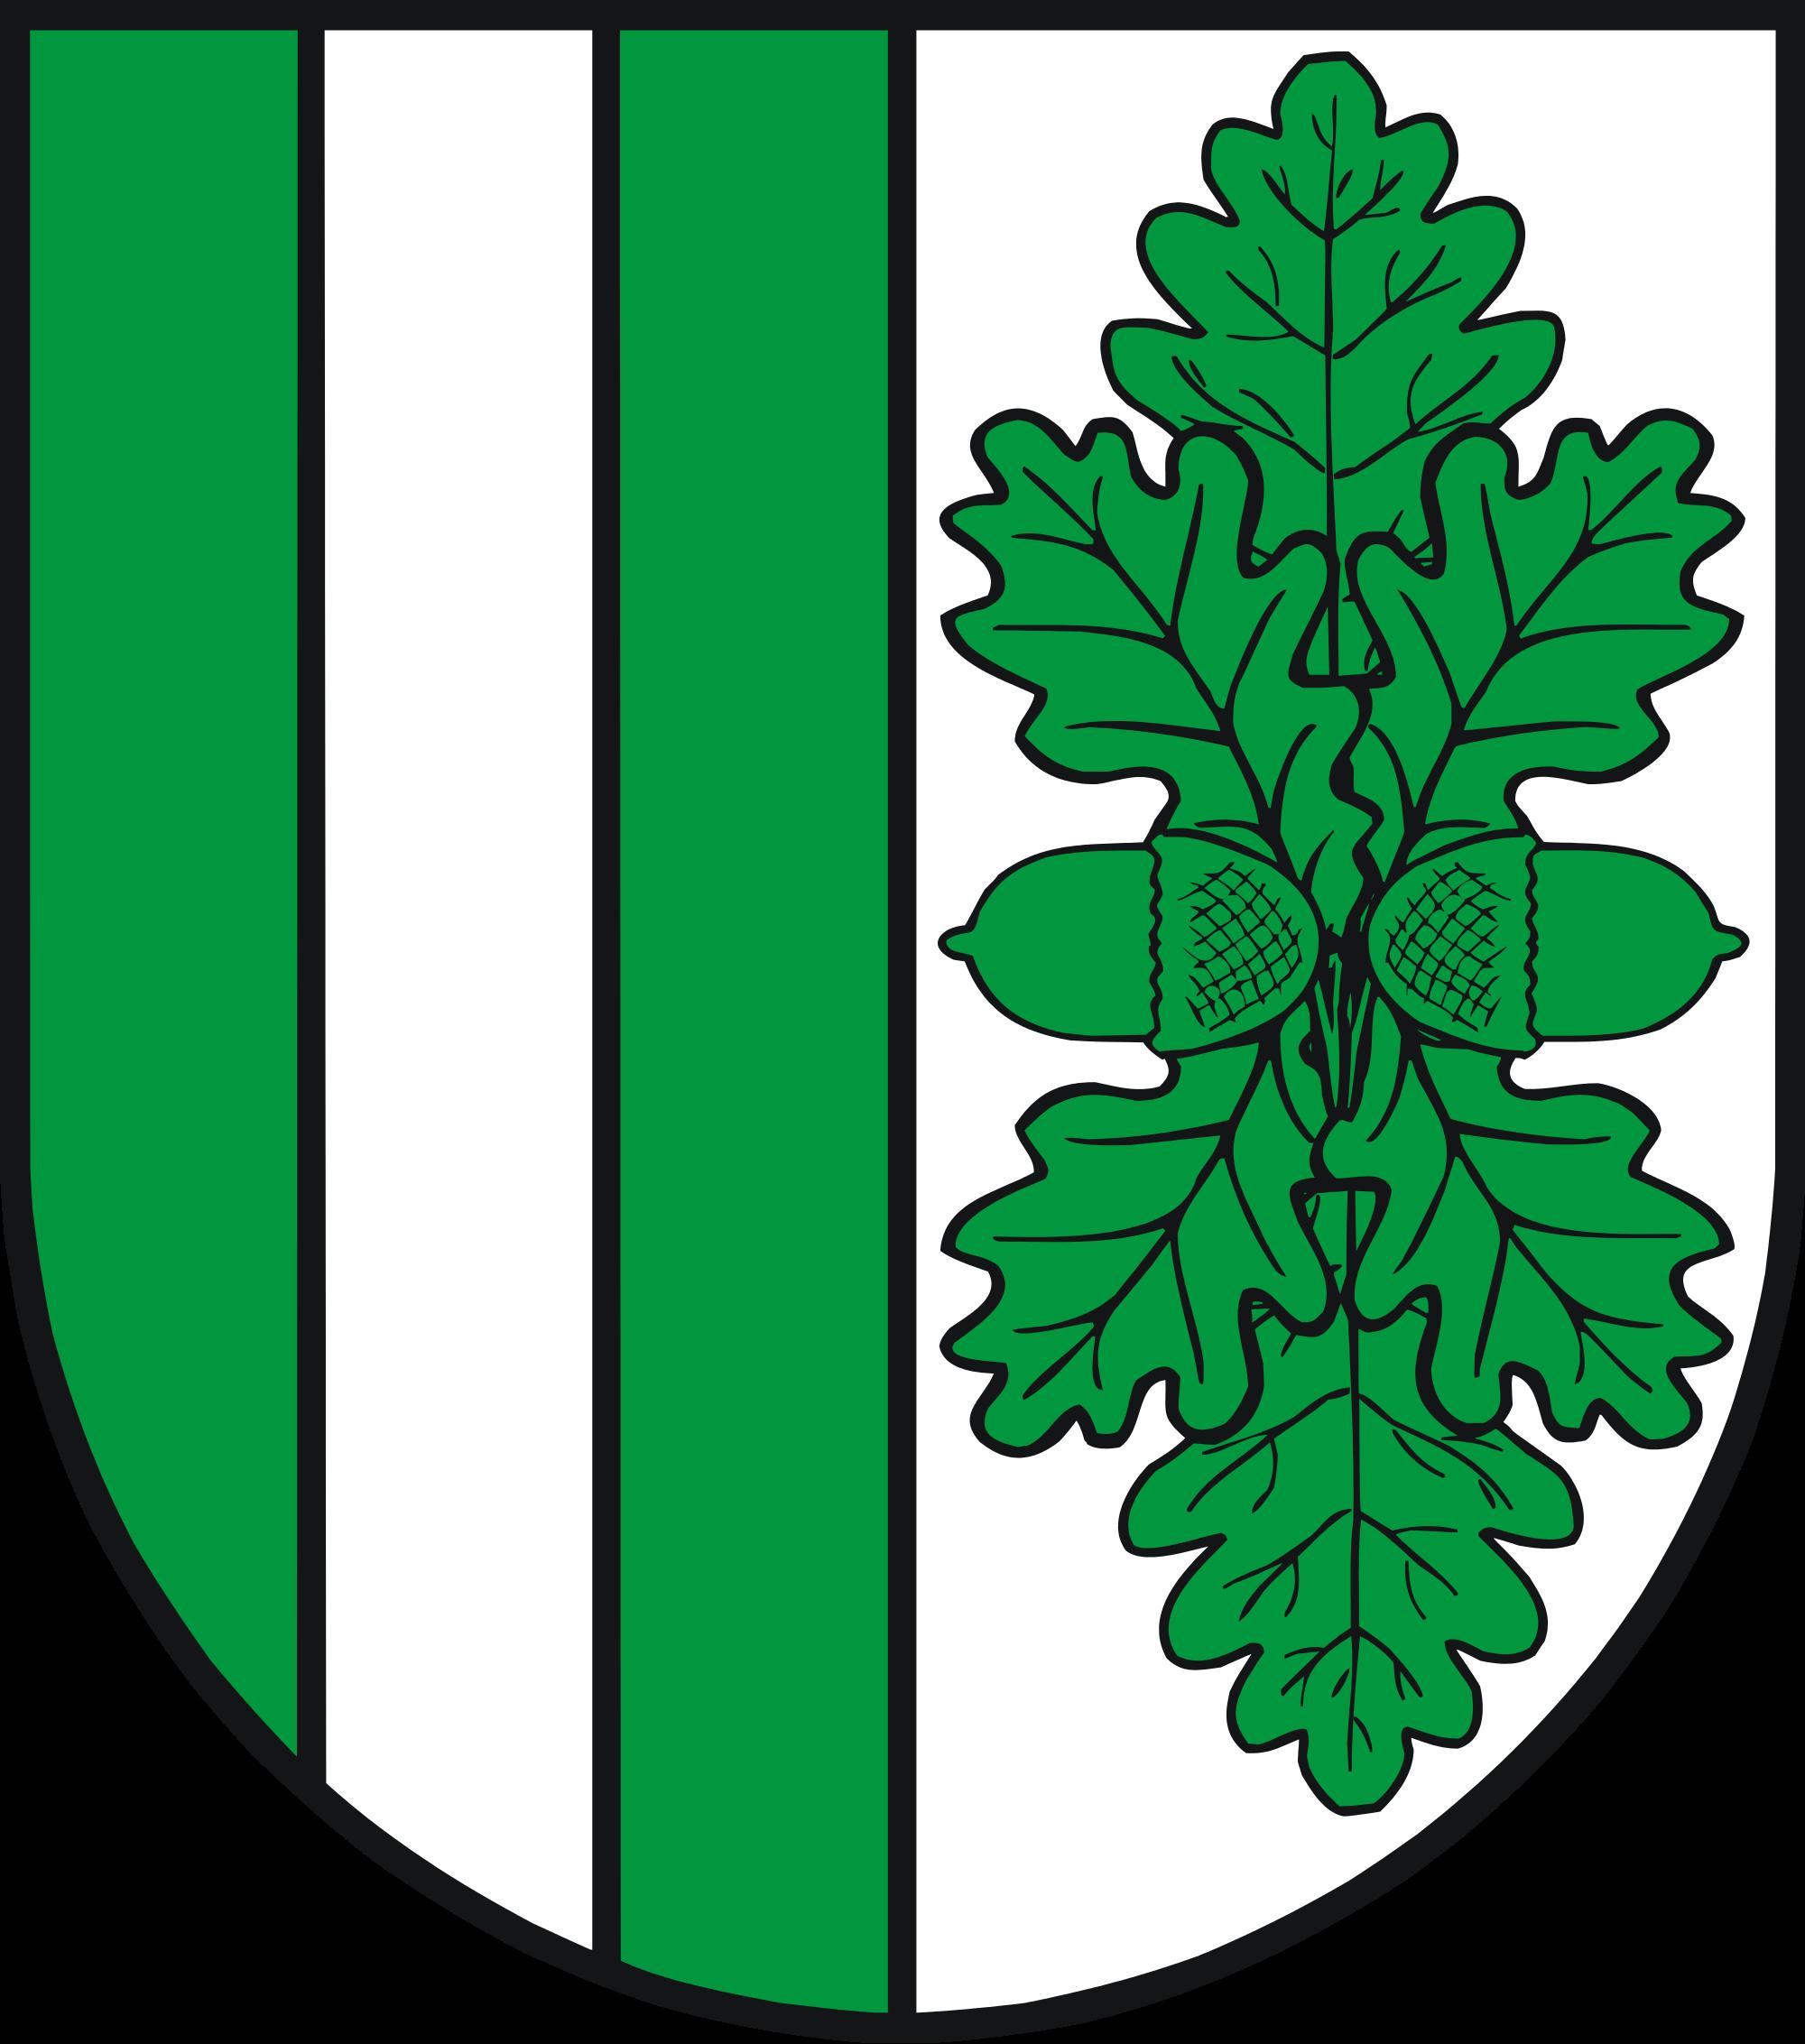 File:Wappen Küsel.svg.